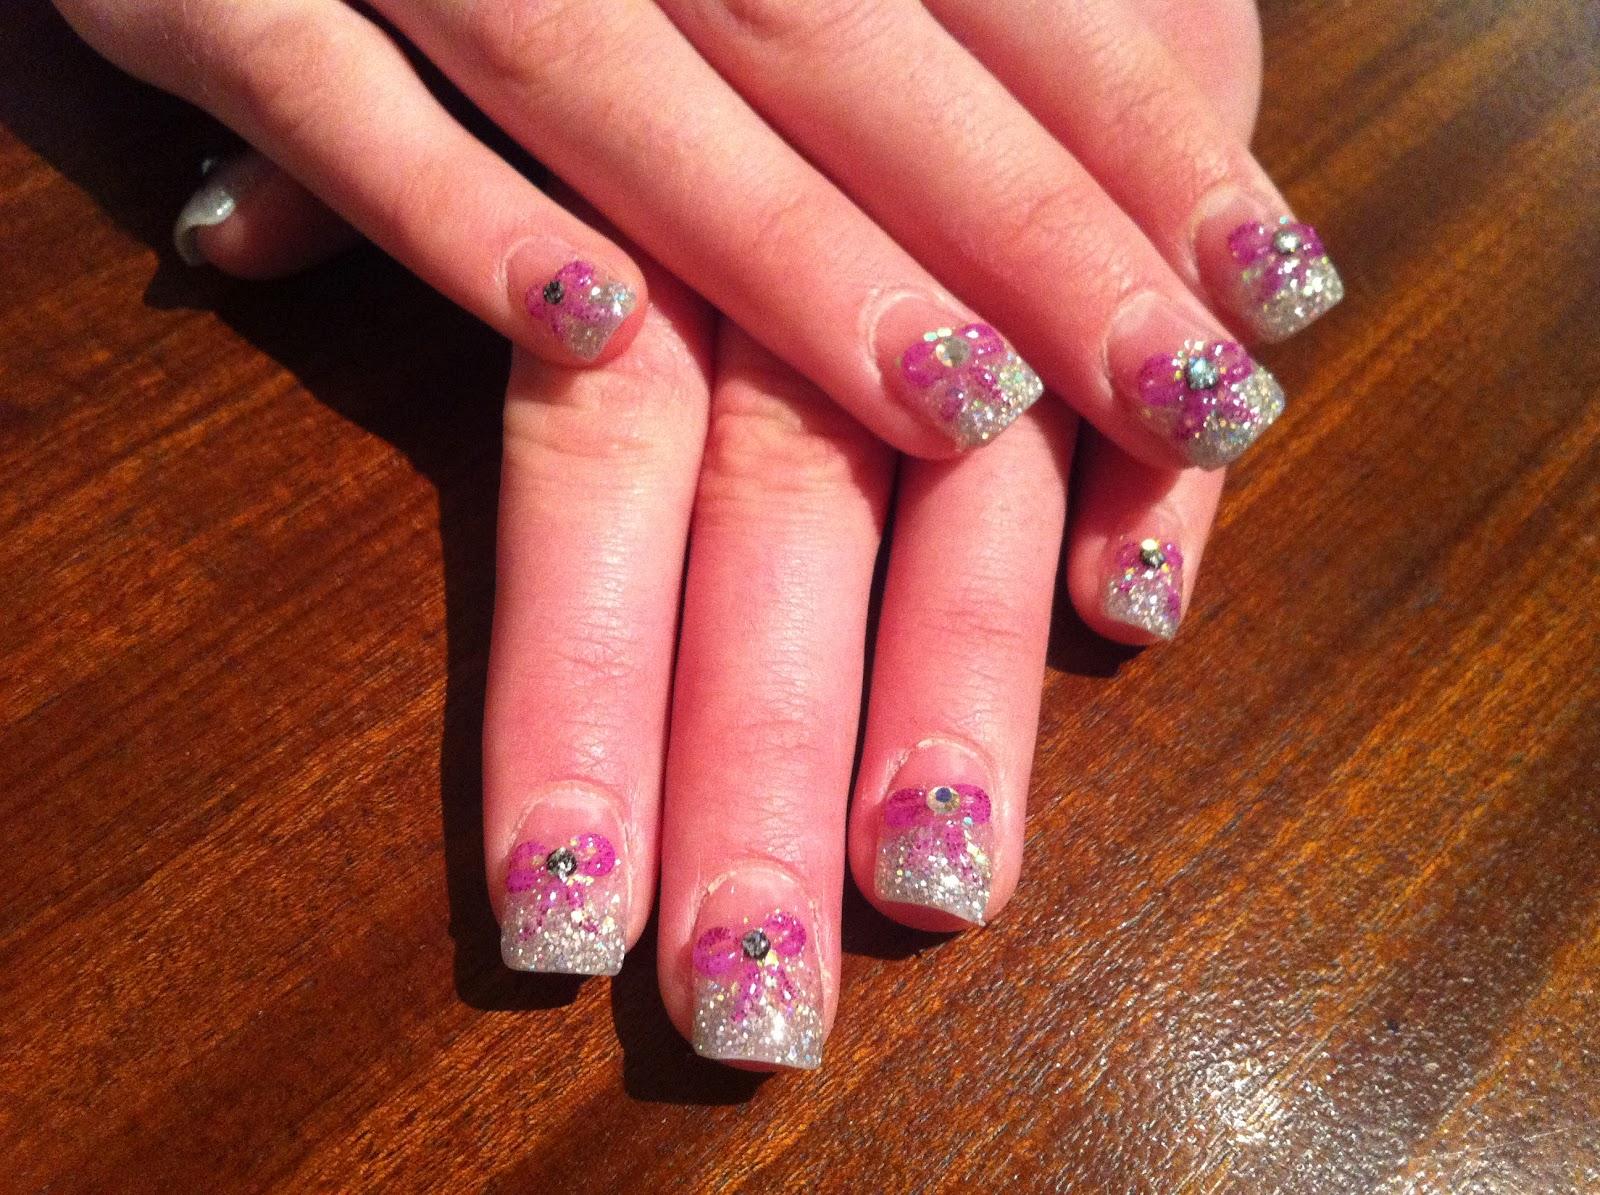 Nails nails nails :)   Make up, Reviews, Nail art, Cute stuff ...